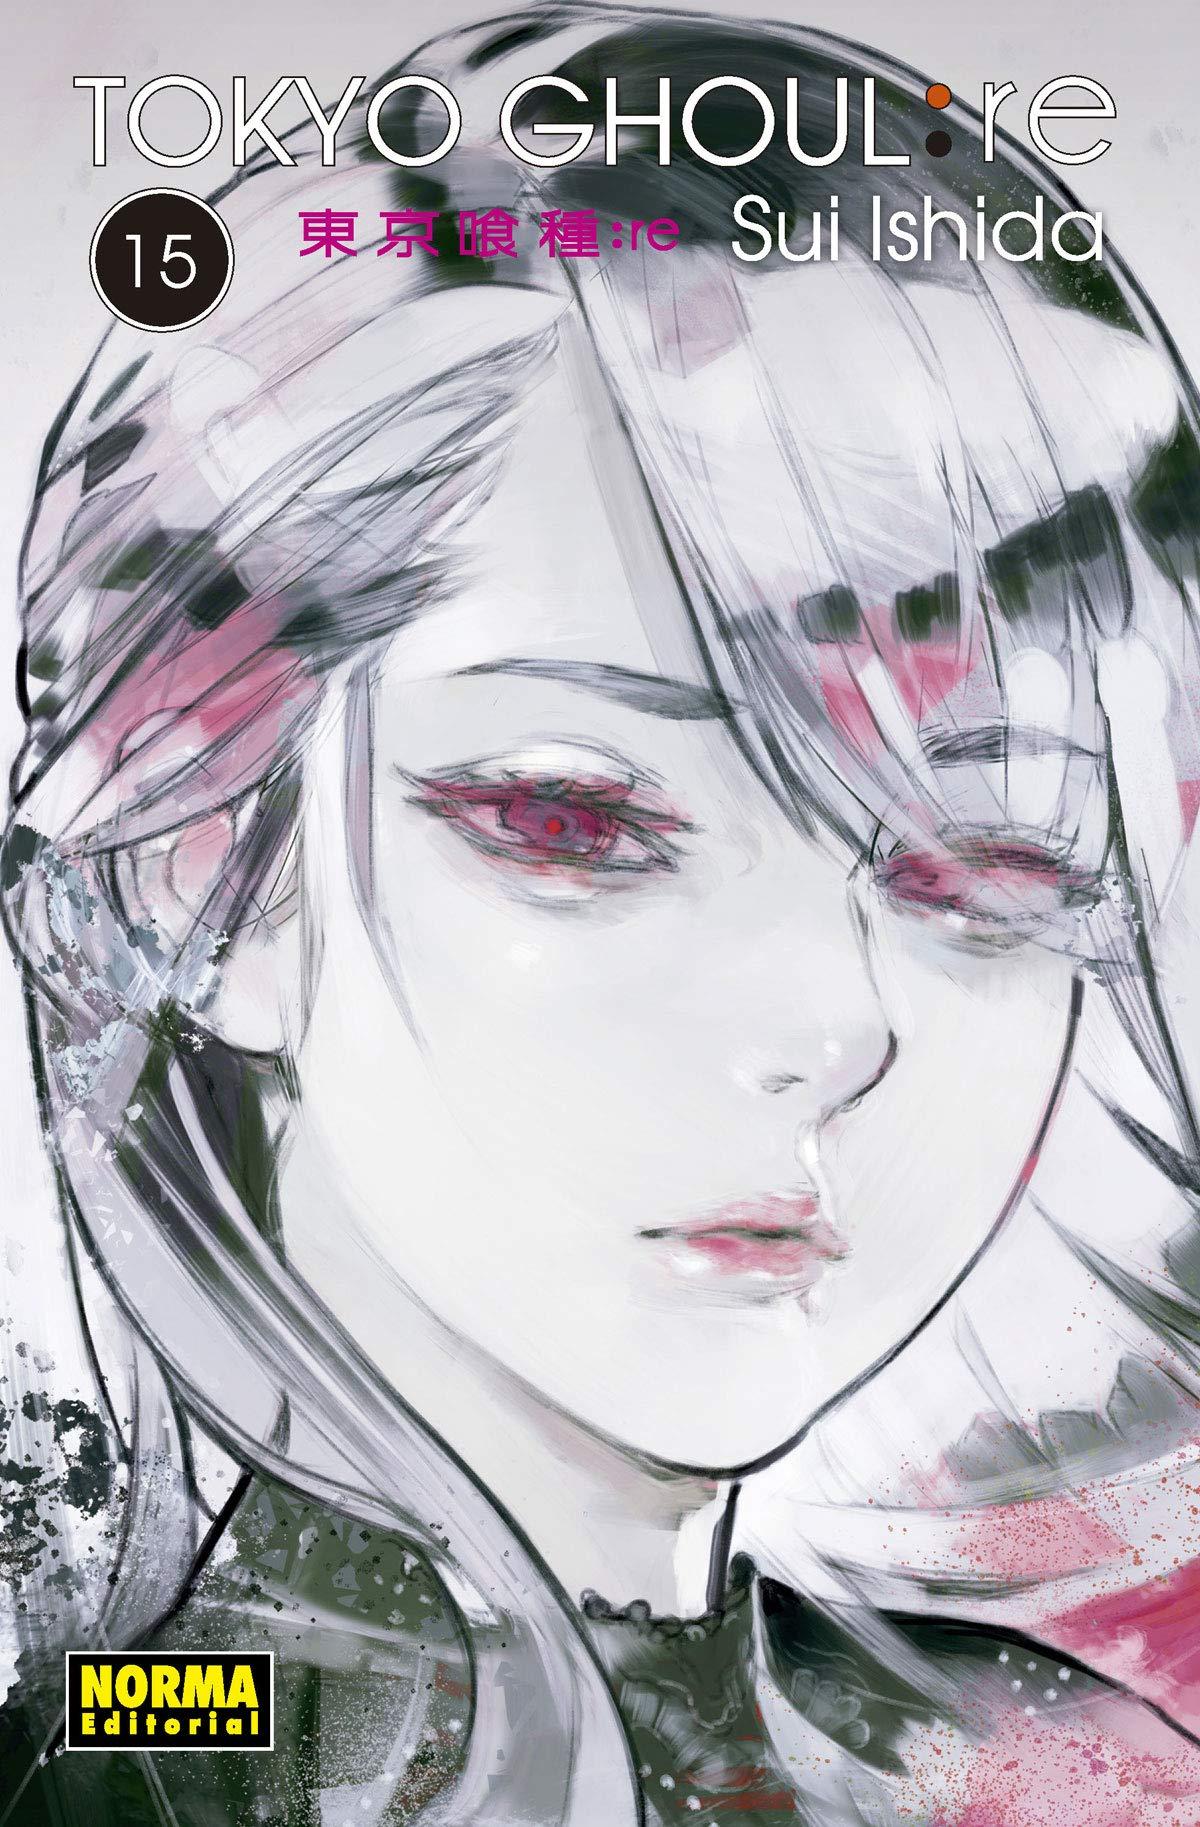 Tokyo Ghoul: Re 15 por Sui Ishida